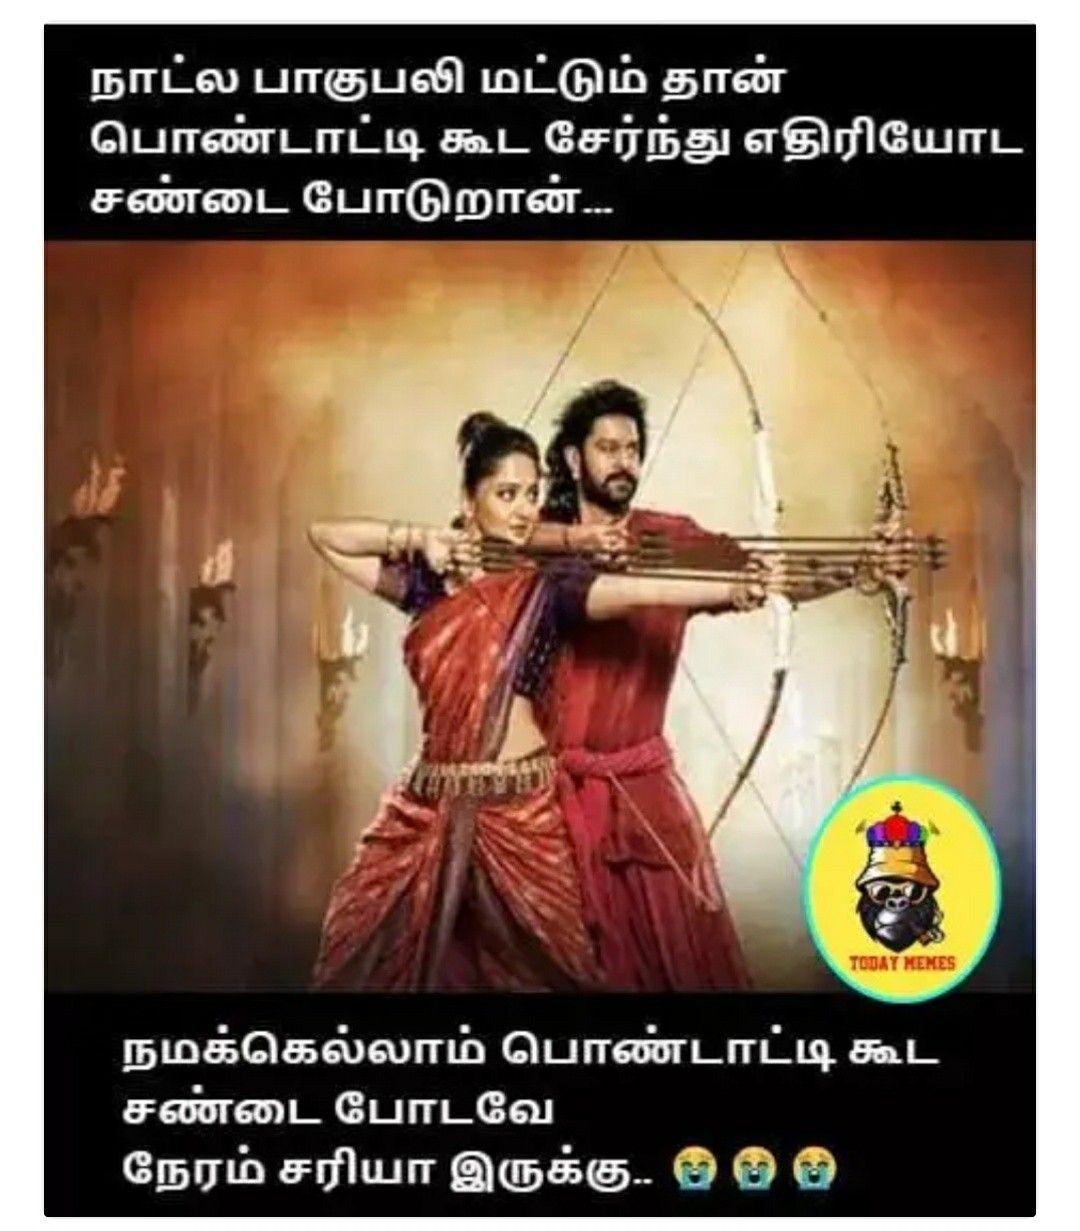 Pin by Ezhilchezhiyan on Jokes in 2020 Tamil funny memes